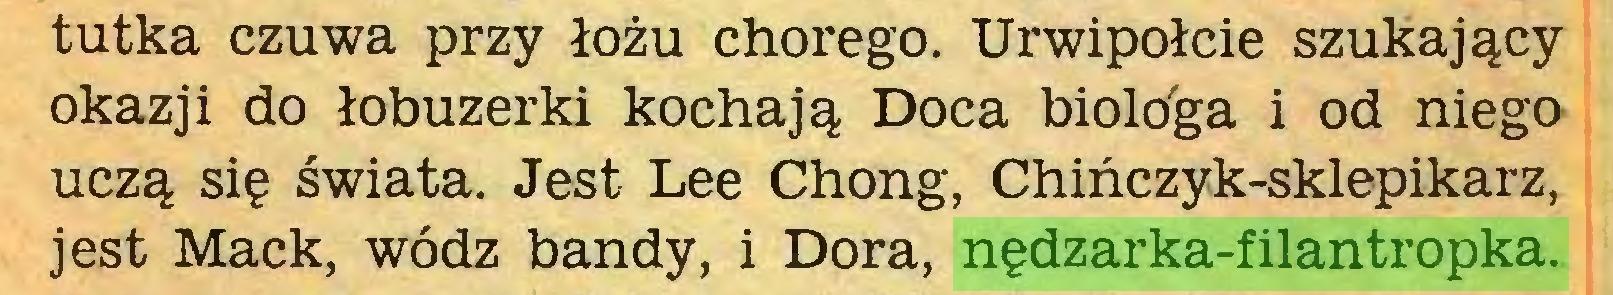 (...) tutka czuwa przy łożu chorego. Urwipołcie szukający okazji do łobuzerki kochają Doca biológa i od niego uczą się świata. Jest Lee Chong, Chińczyk-sklepikarz, jest Mack, wódz bandy, i Dora, nędzarka-filantropka...